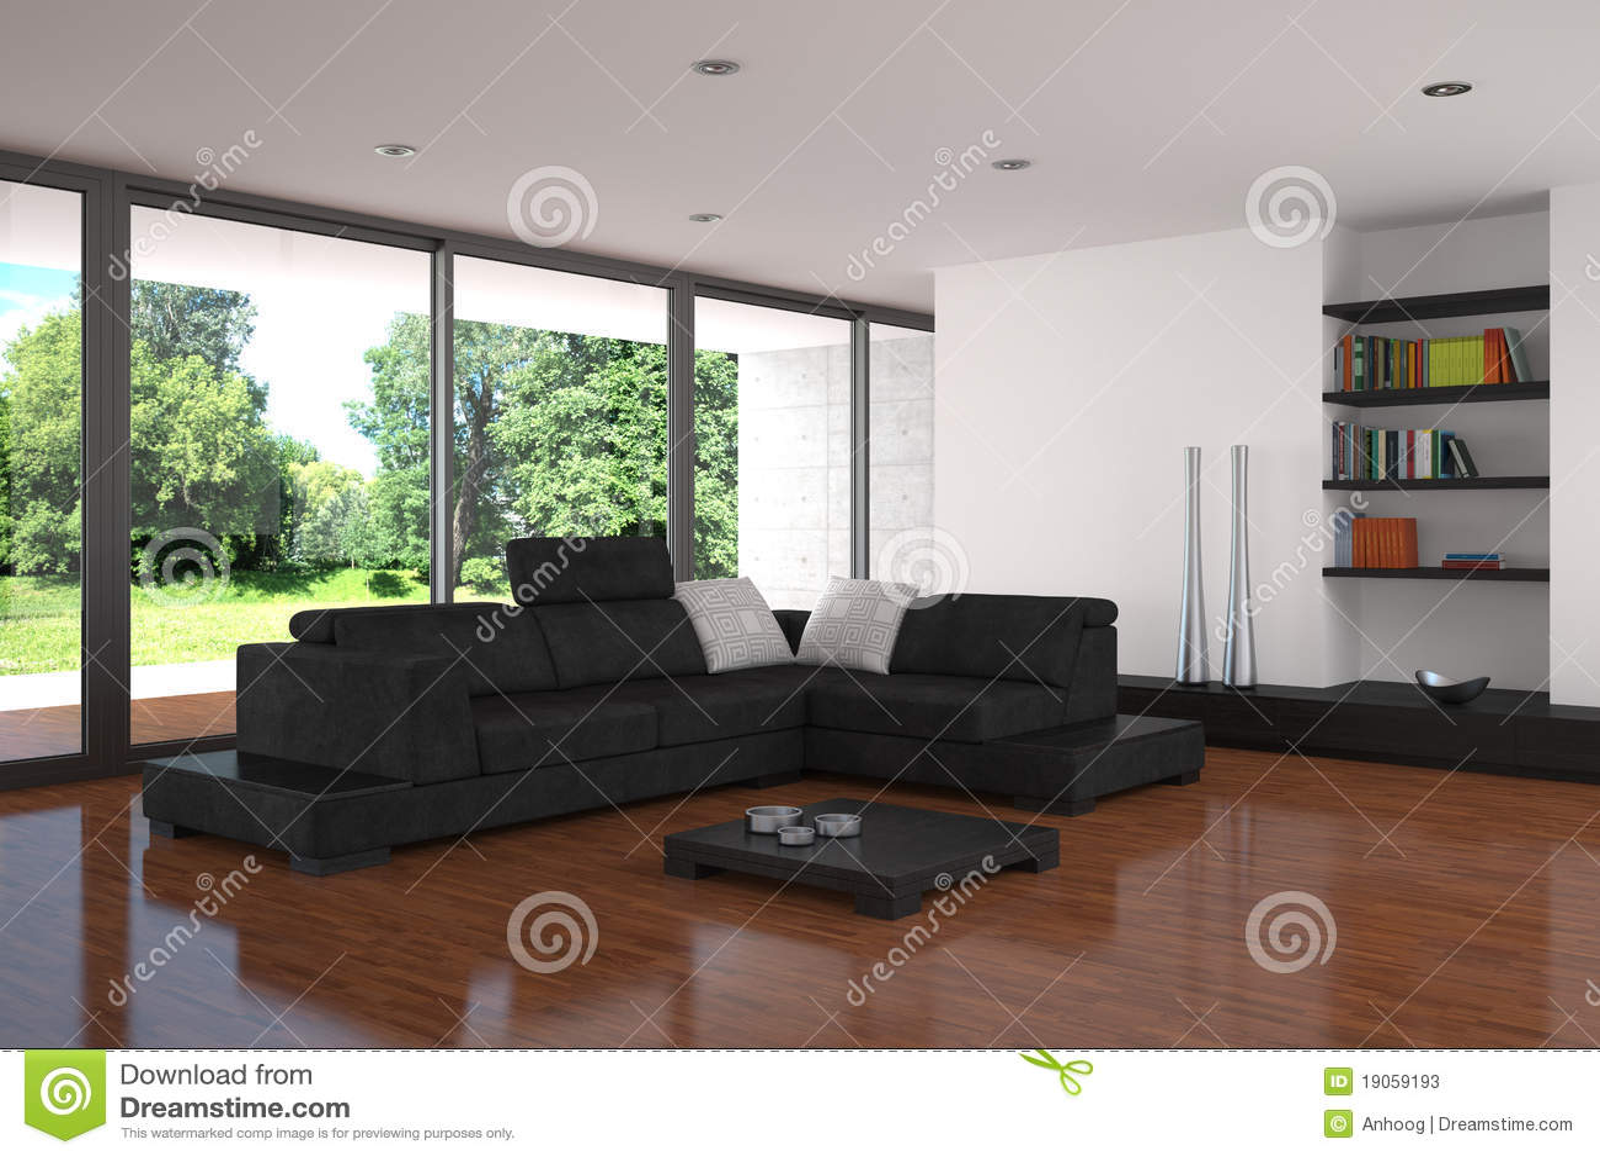 Moderne woonkamer met parketvloer stock illustratie afbeelding 19059193 - Fotos van moderne woonkamer ...